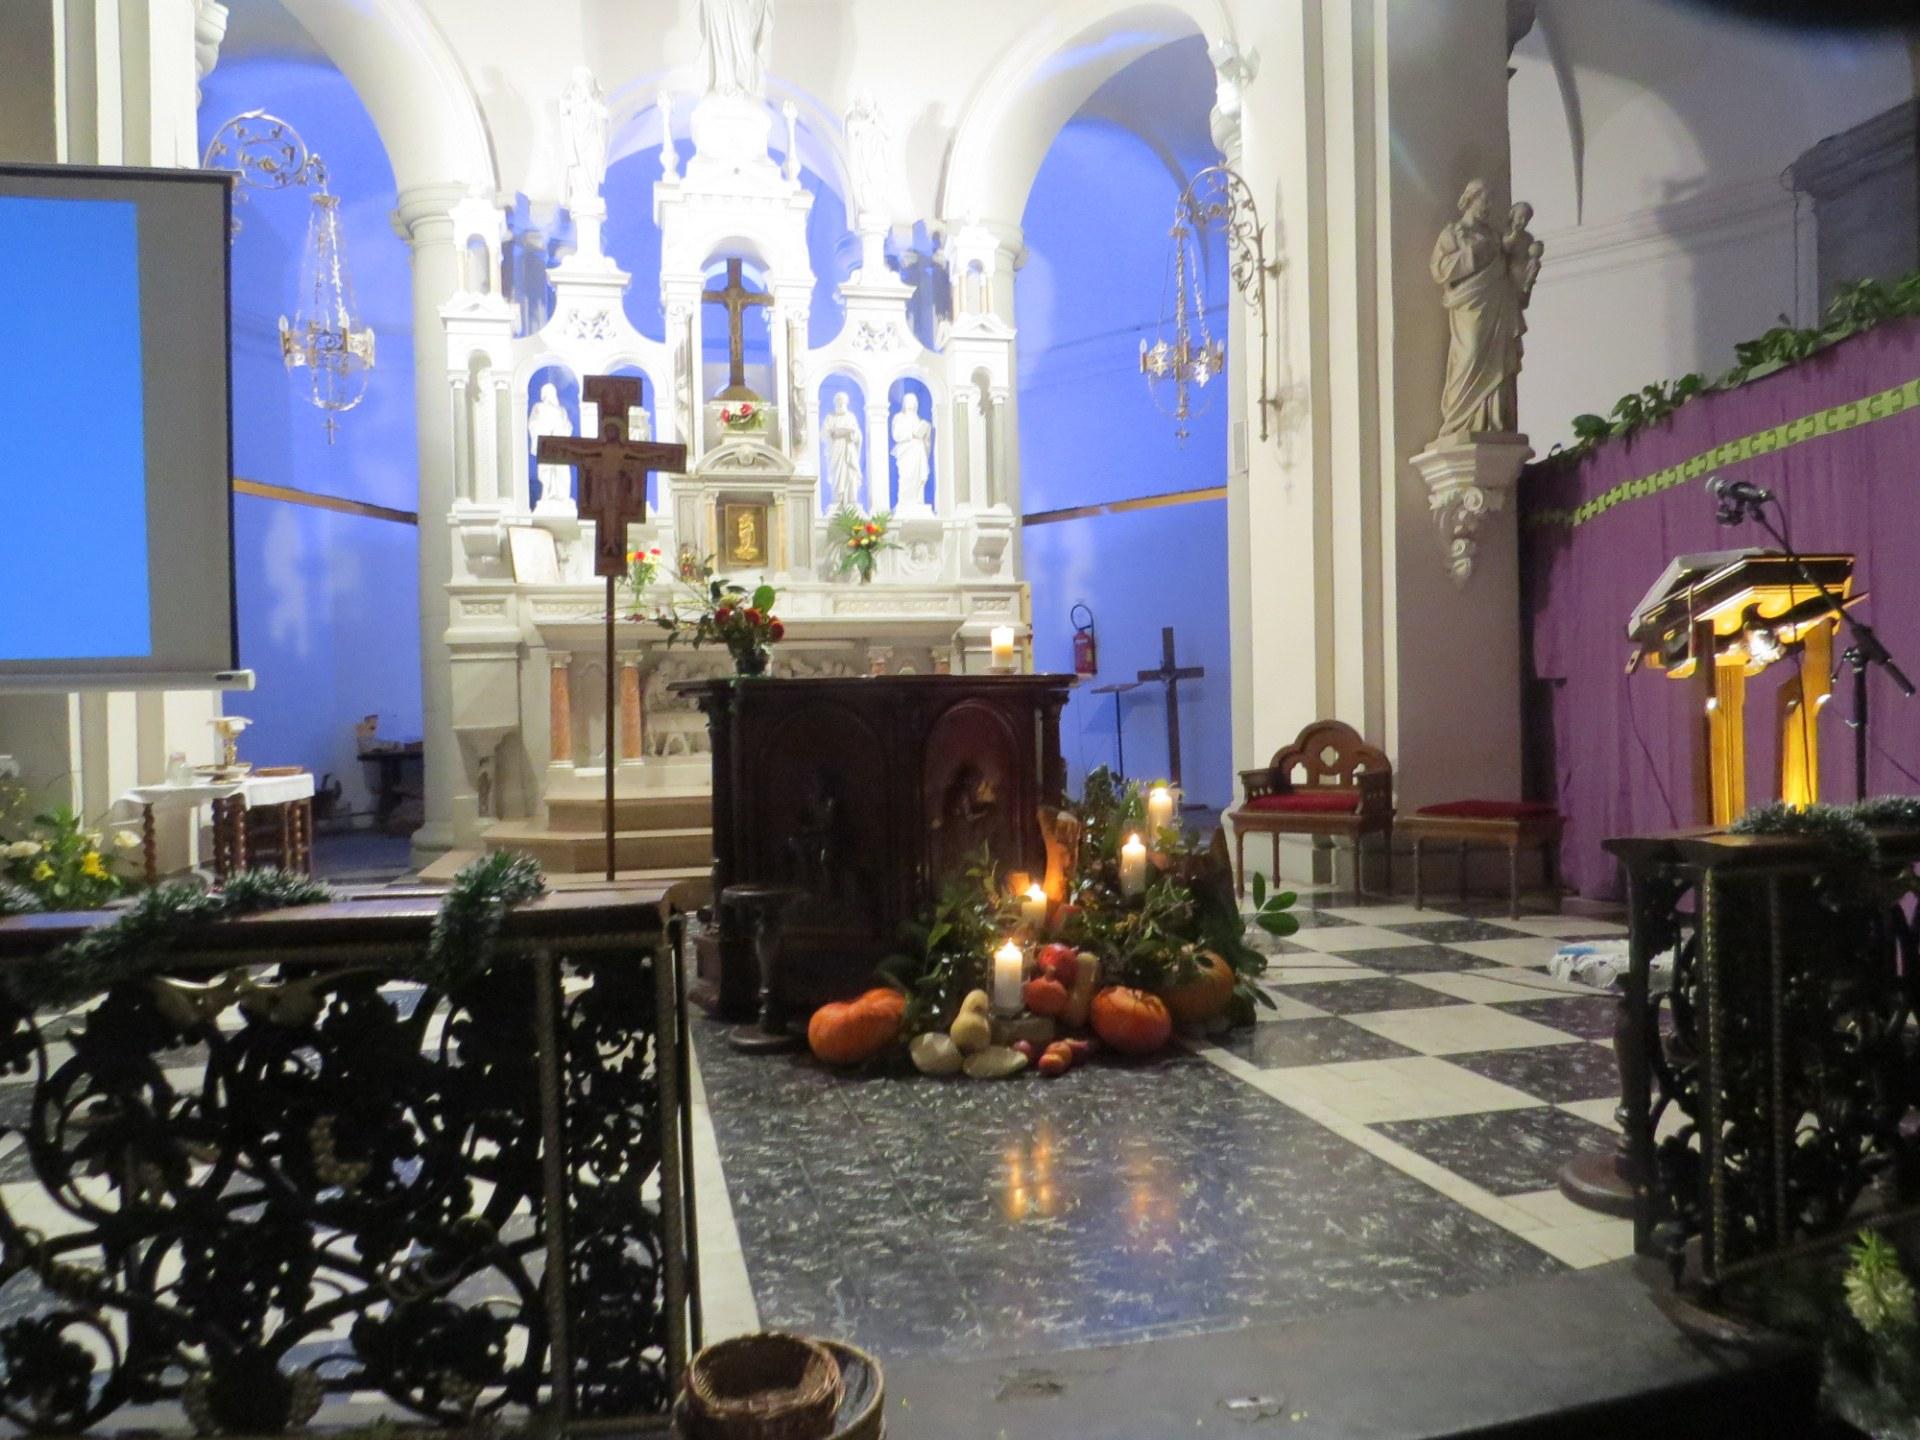 La décoration nous rappelle les quatre dimanches de l'Avent nous annonçant l'arrivée de Jésus.